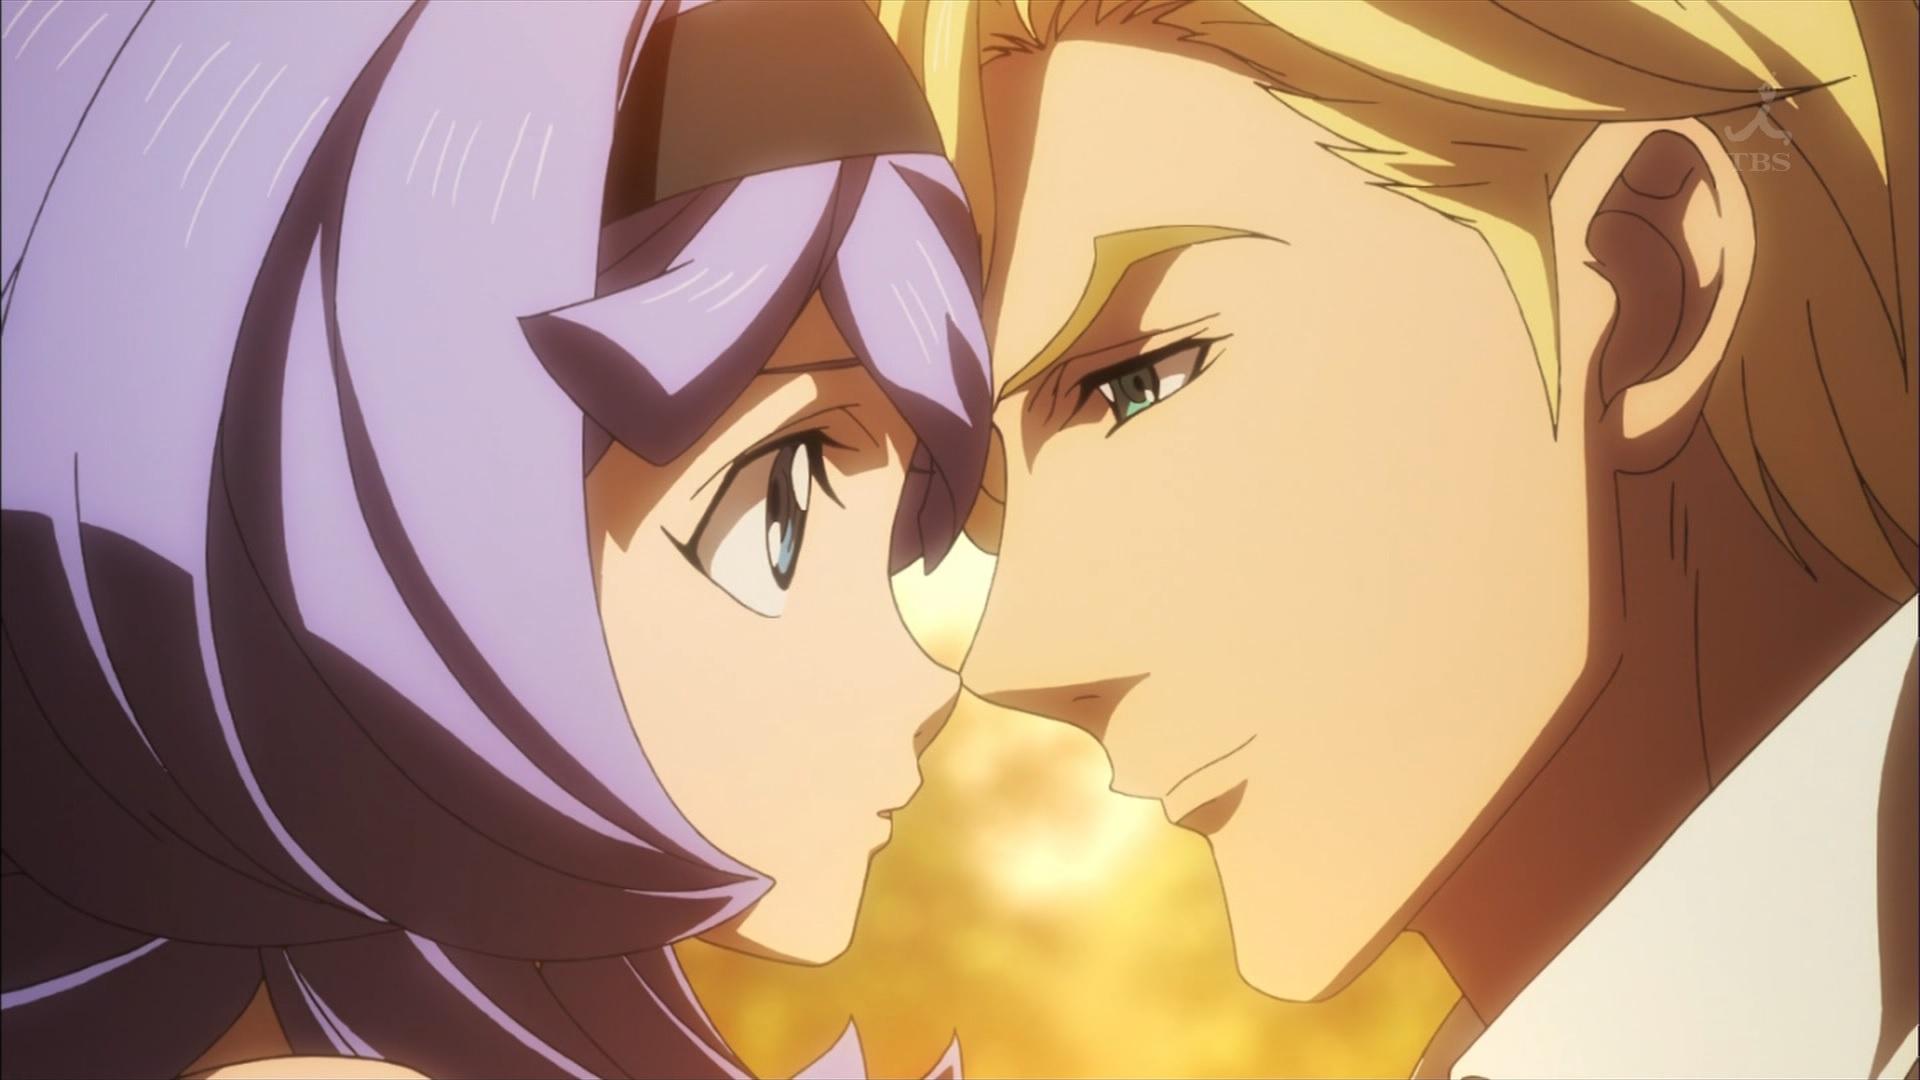 マクギリスとアルミリア(第34話画像)